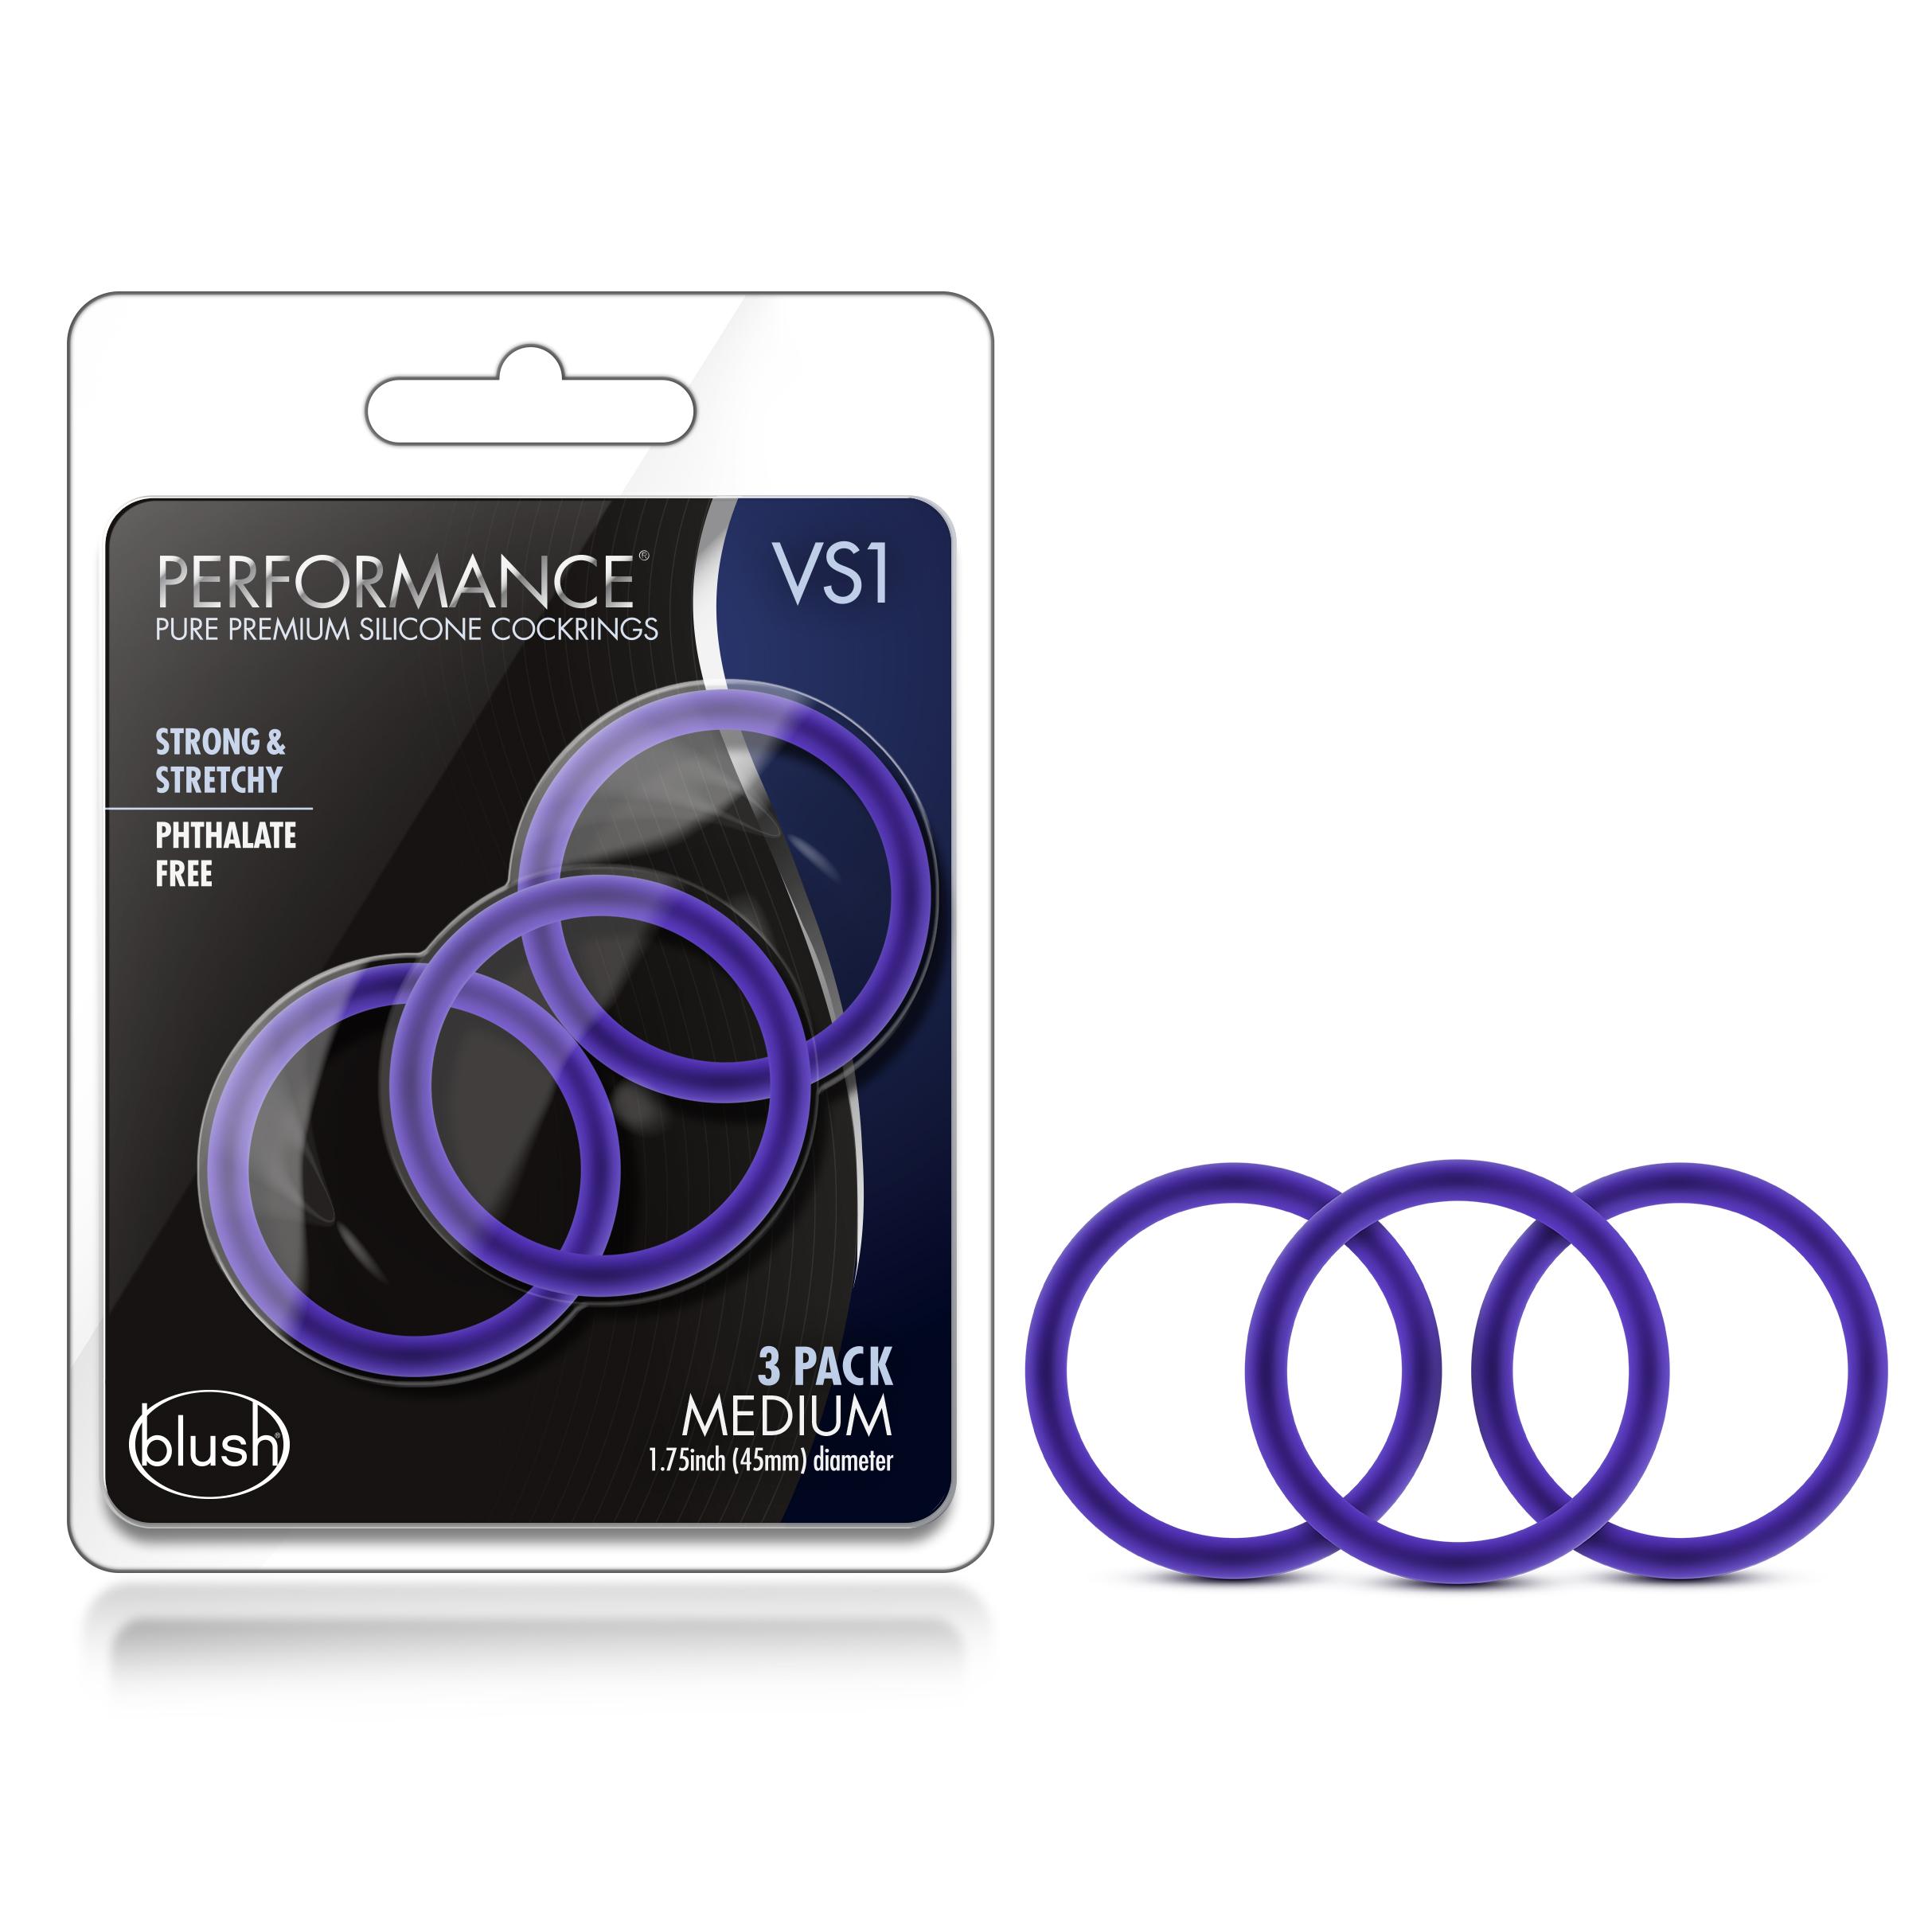 Performance - VS1 Pure Premium Silicone Cock Rings - Medium - Indigo